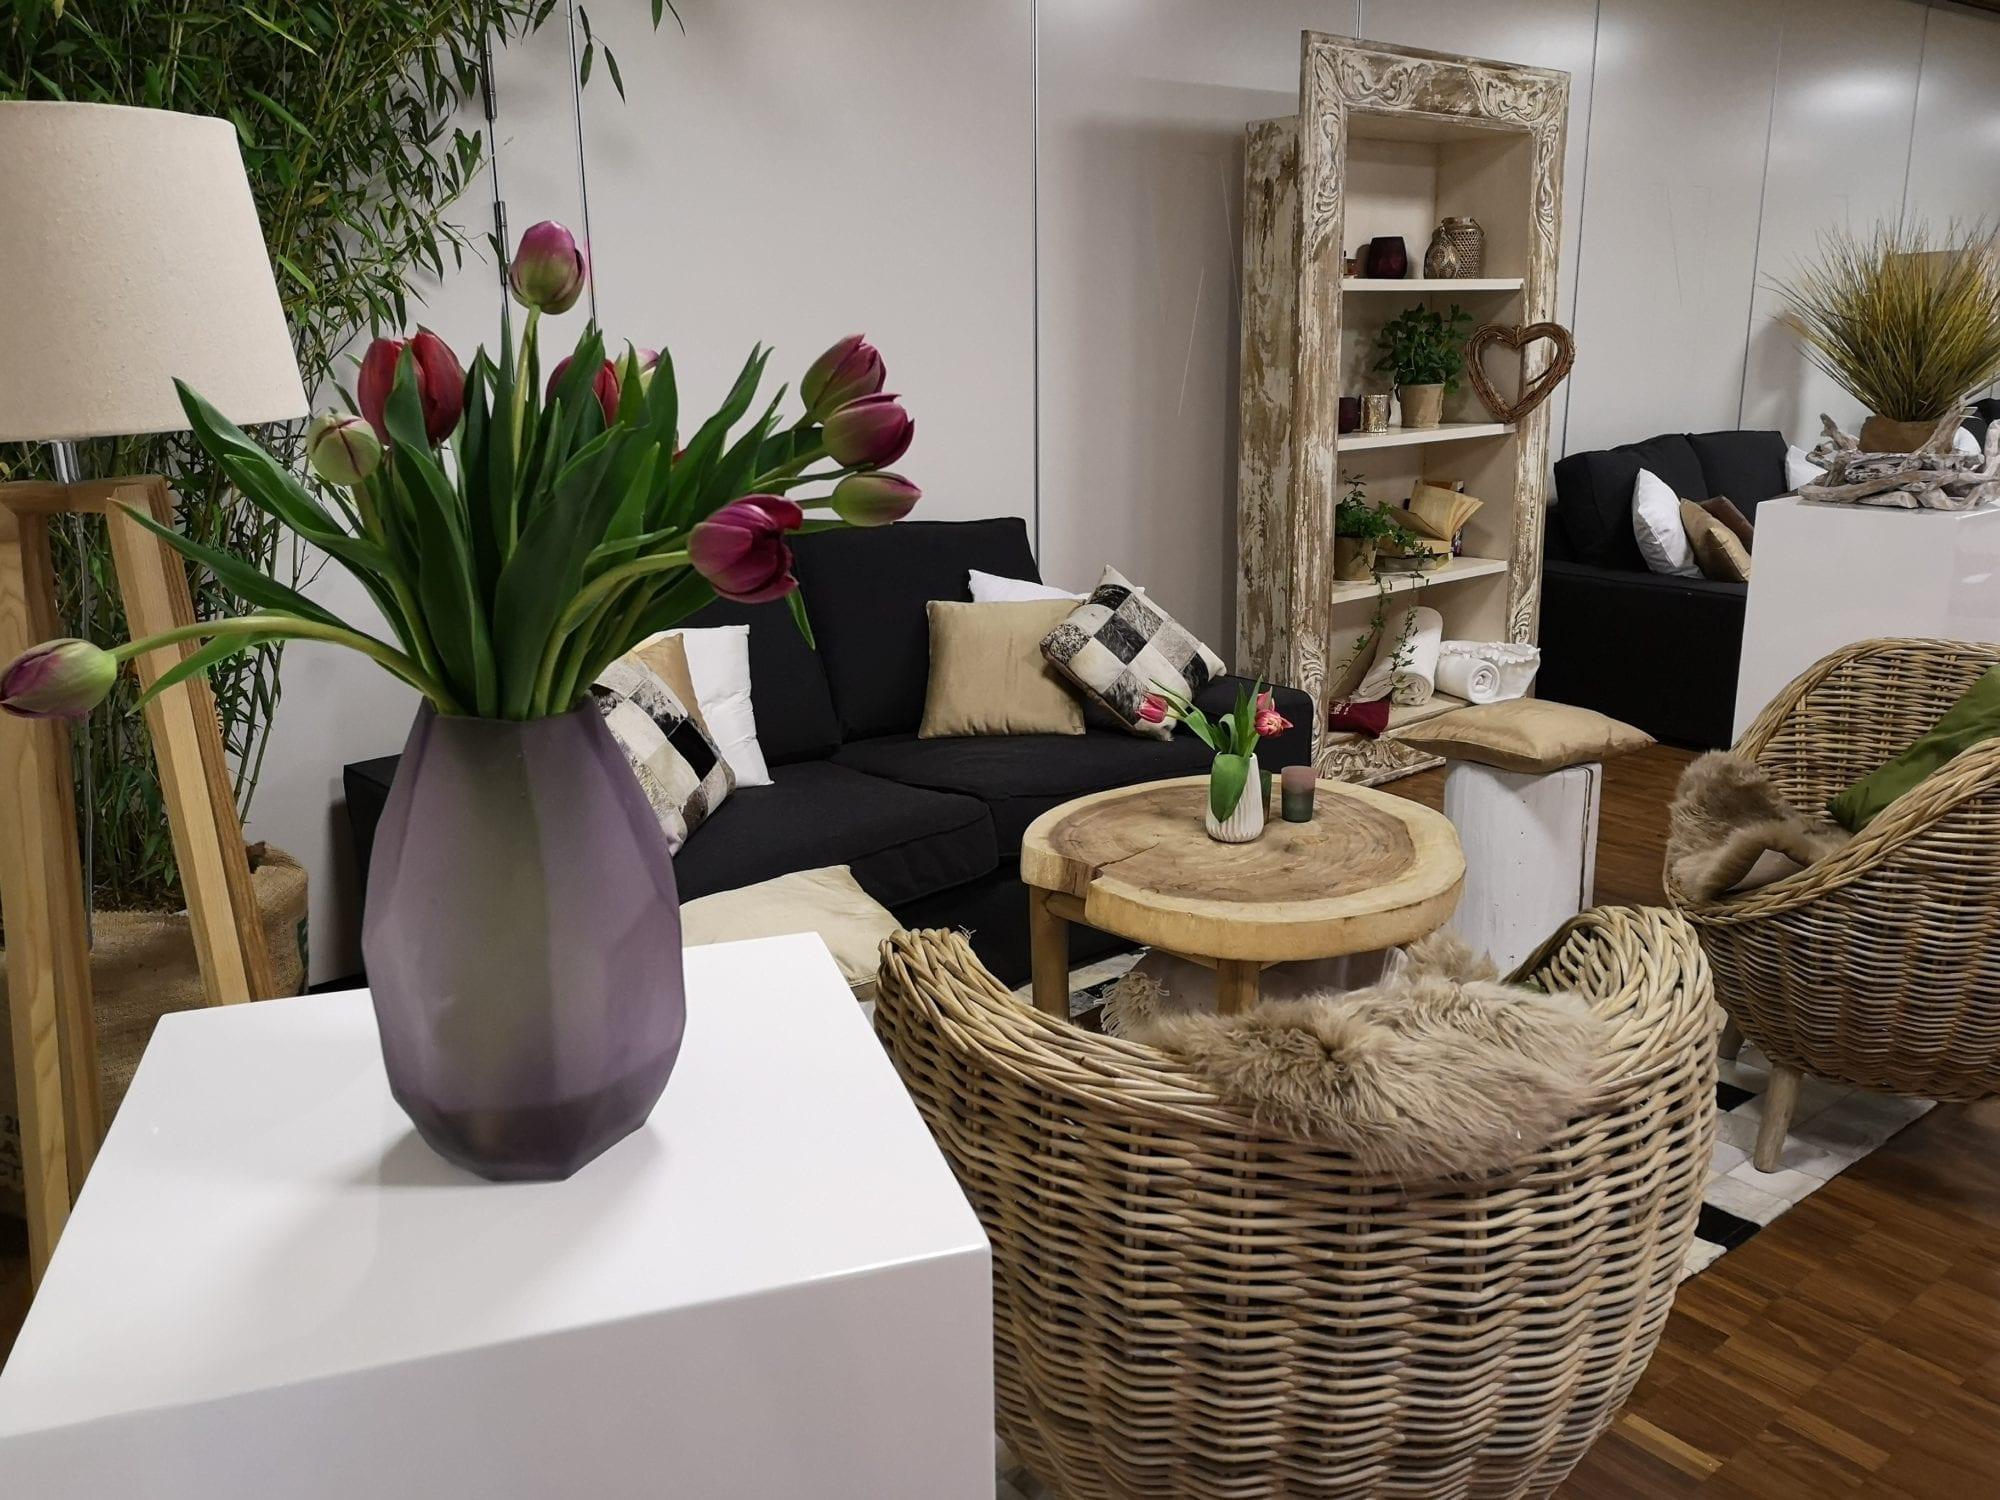 Wohnzimmeratmosphäre mieten rent-a-lounge